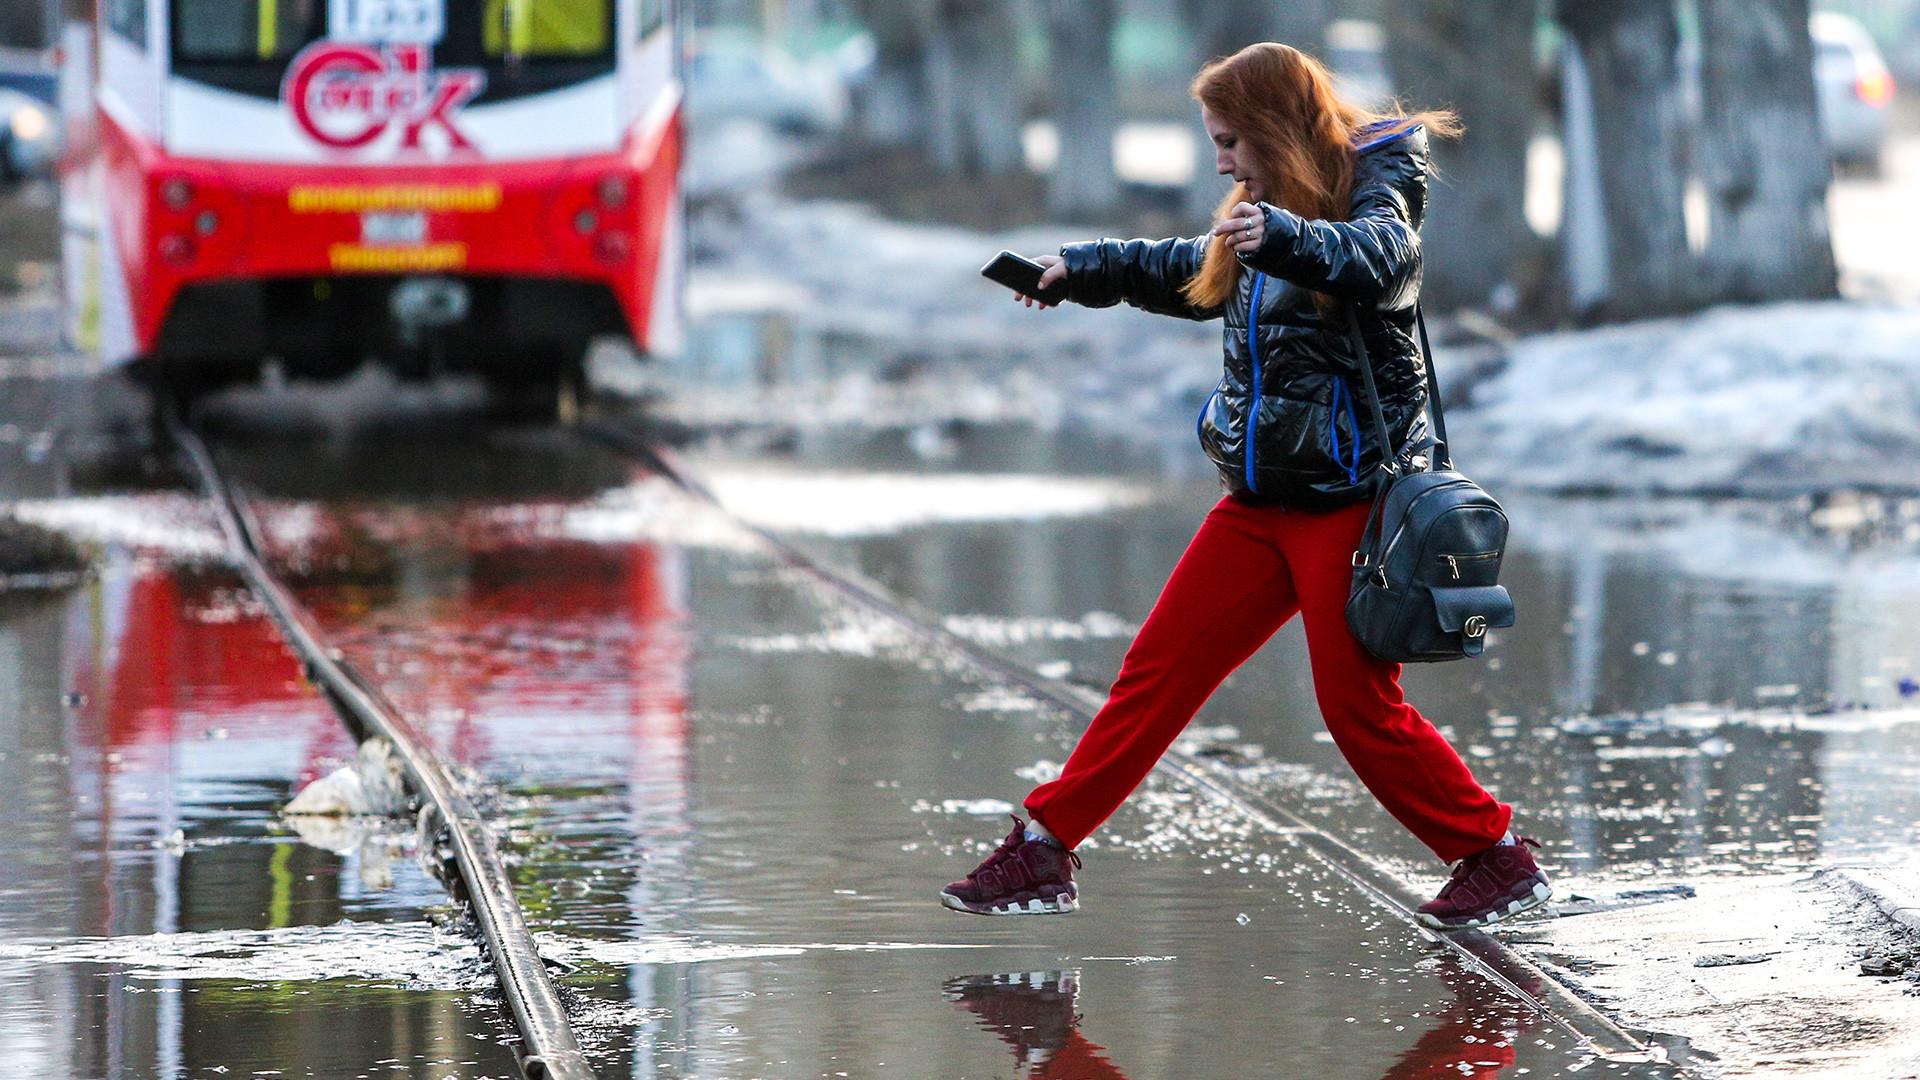 Омск, 7 апреля 2021 года: Женщина переступает через воду на затопленной улице. Наводнение вызвано таянием снега